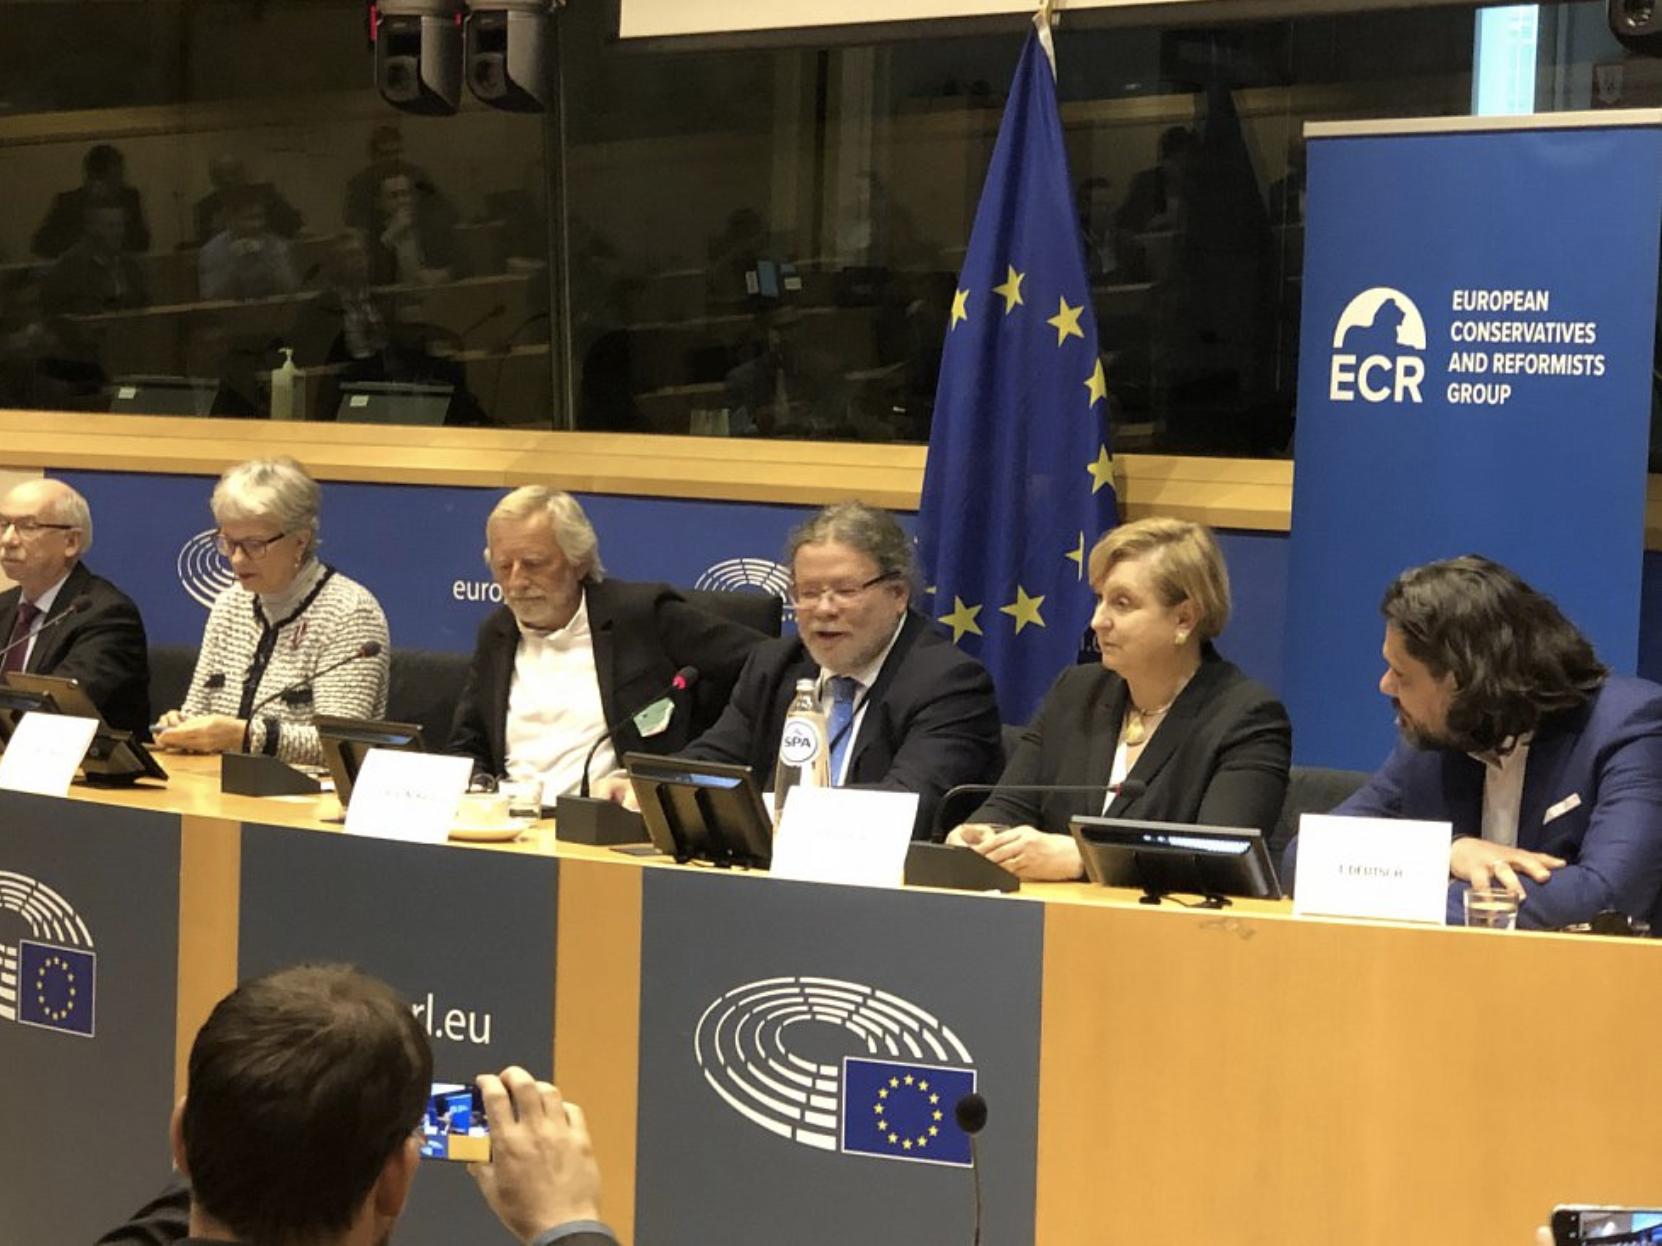 A kép jobb szélén Deutsch Tamás EPP-képviselő figyeli Alexandr Vondra, ODS EP-képviselő felszólalását. Kép forrása: Deník.cz, Kateřina Perknerová.